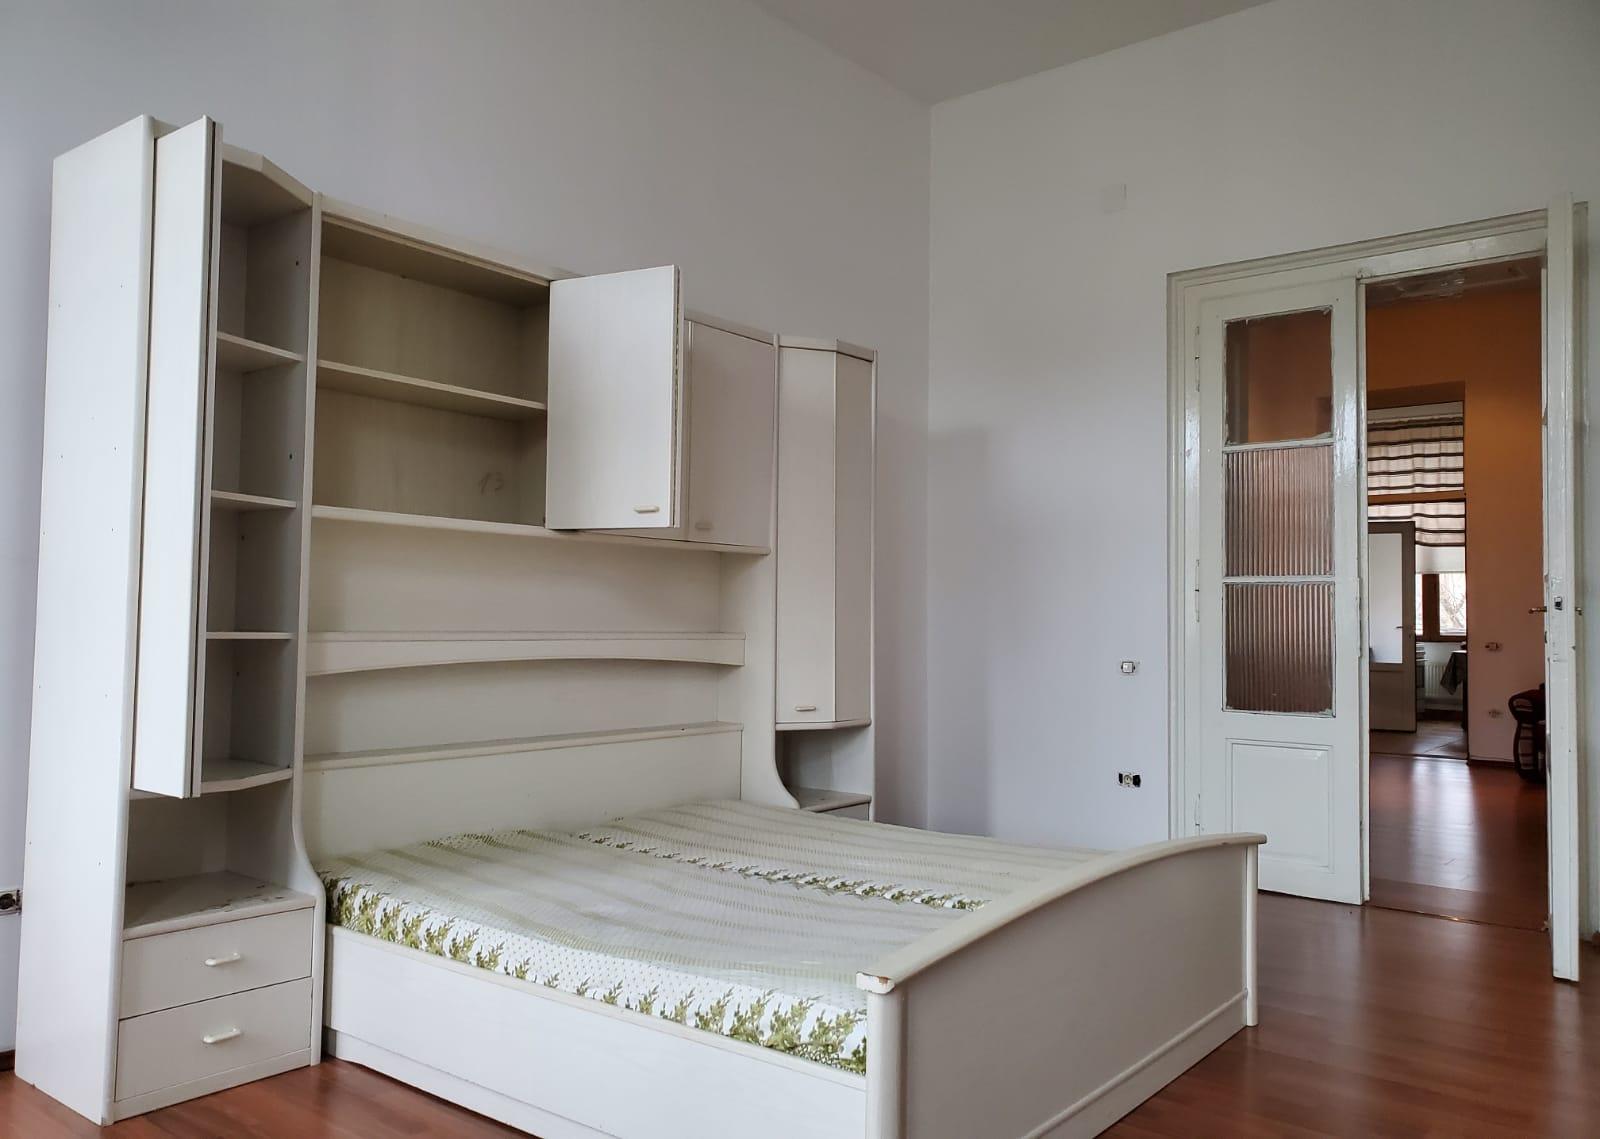 Vand apartament 6 camere zona Ultracentrala-Teatru